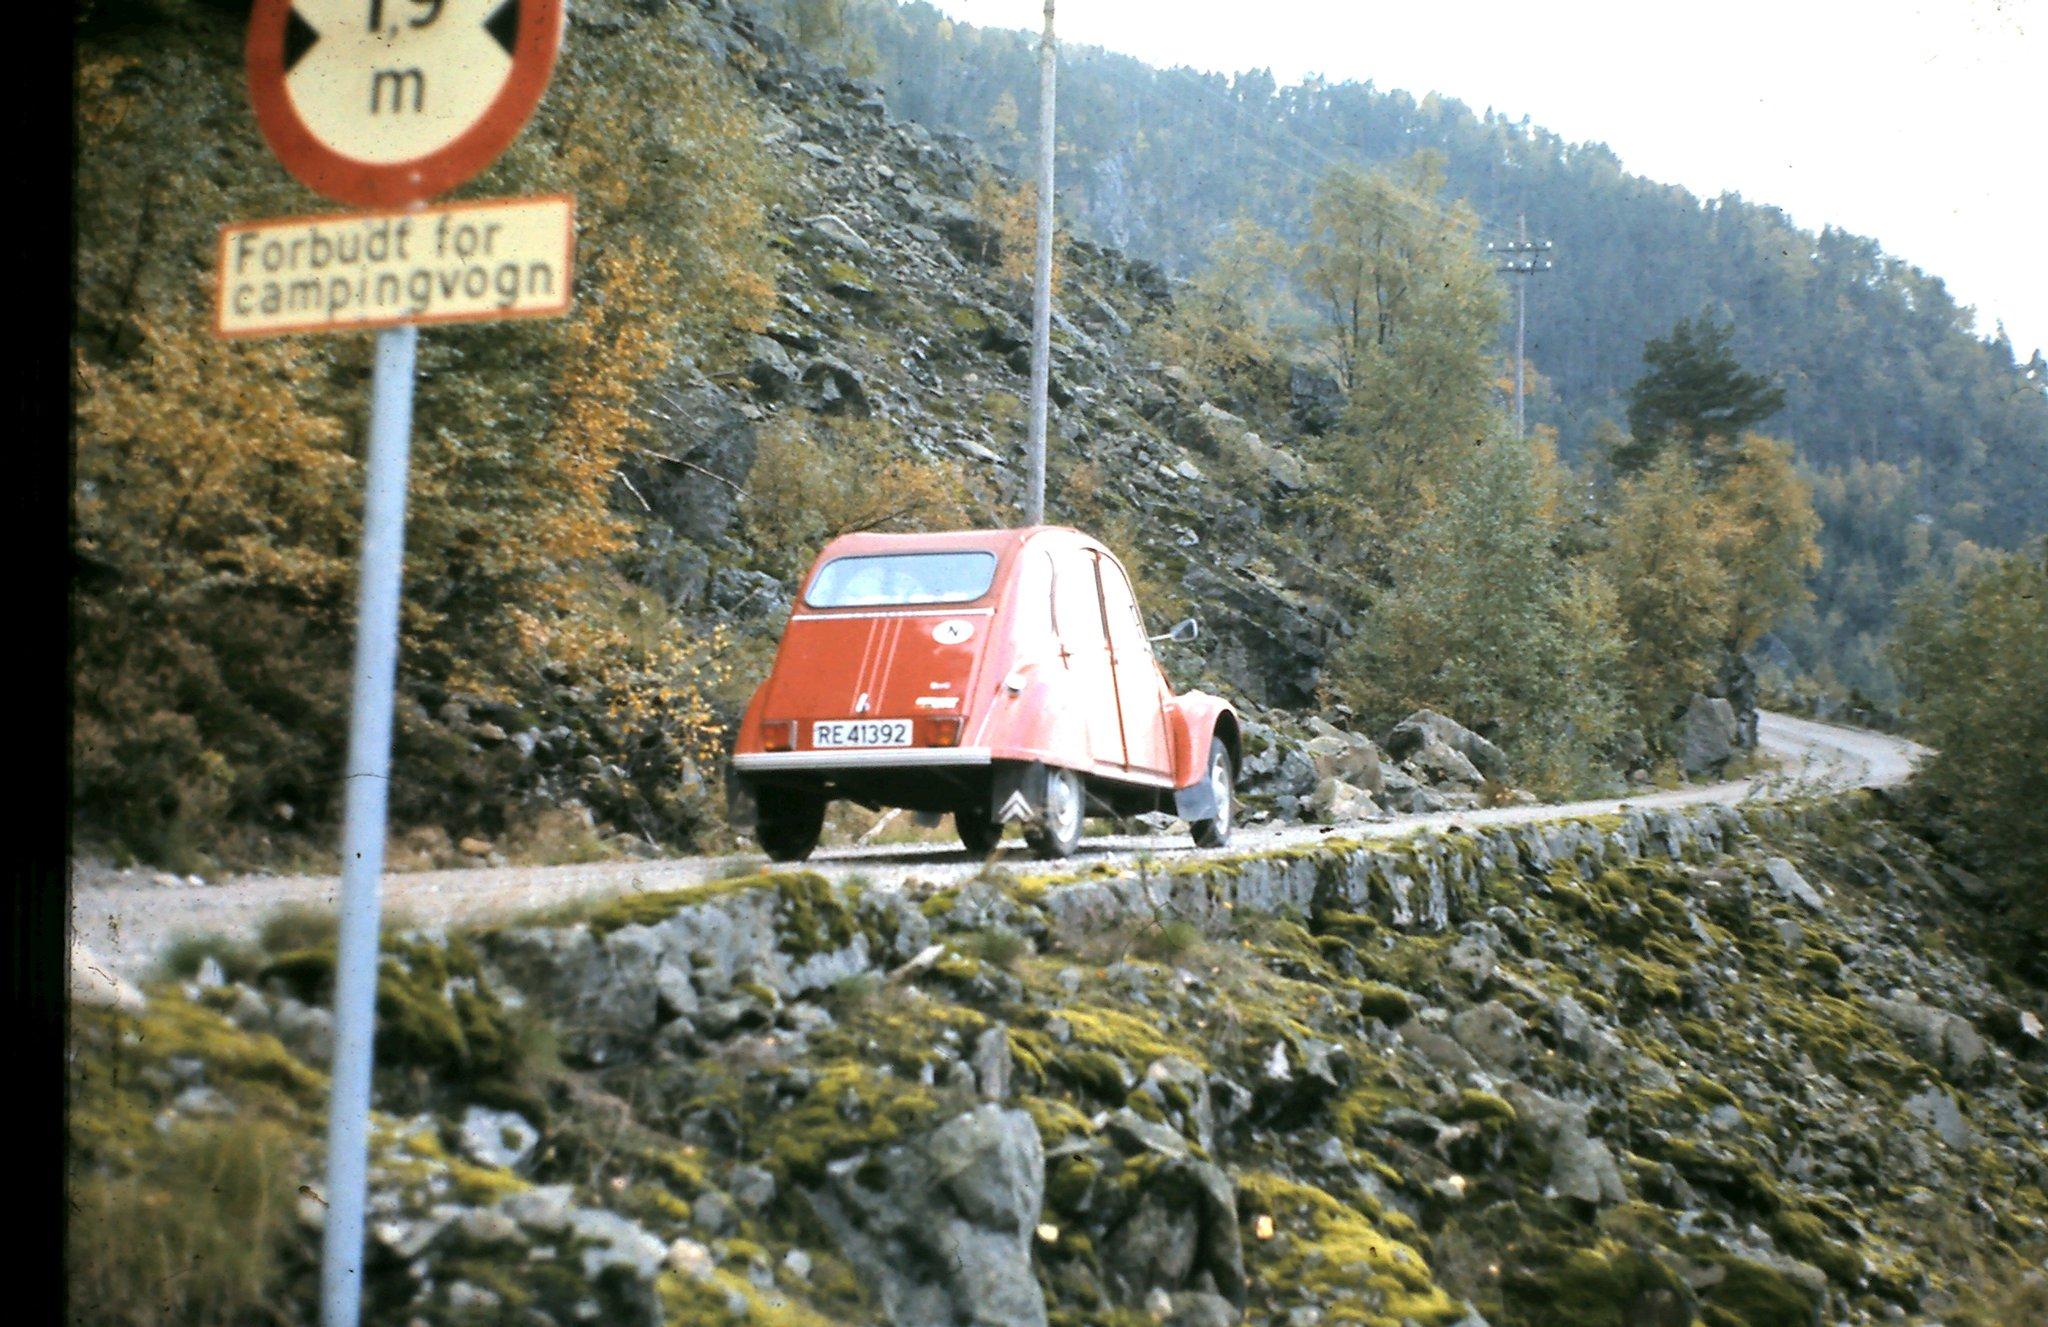 Citroen 2CV - 1973 model - Tronåsen - Rogaland - Vest-Agder